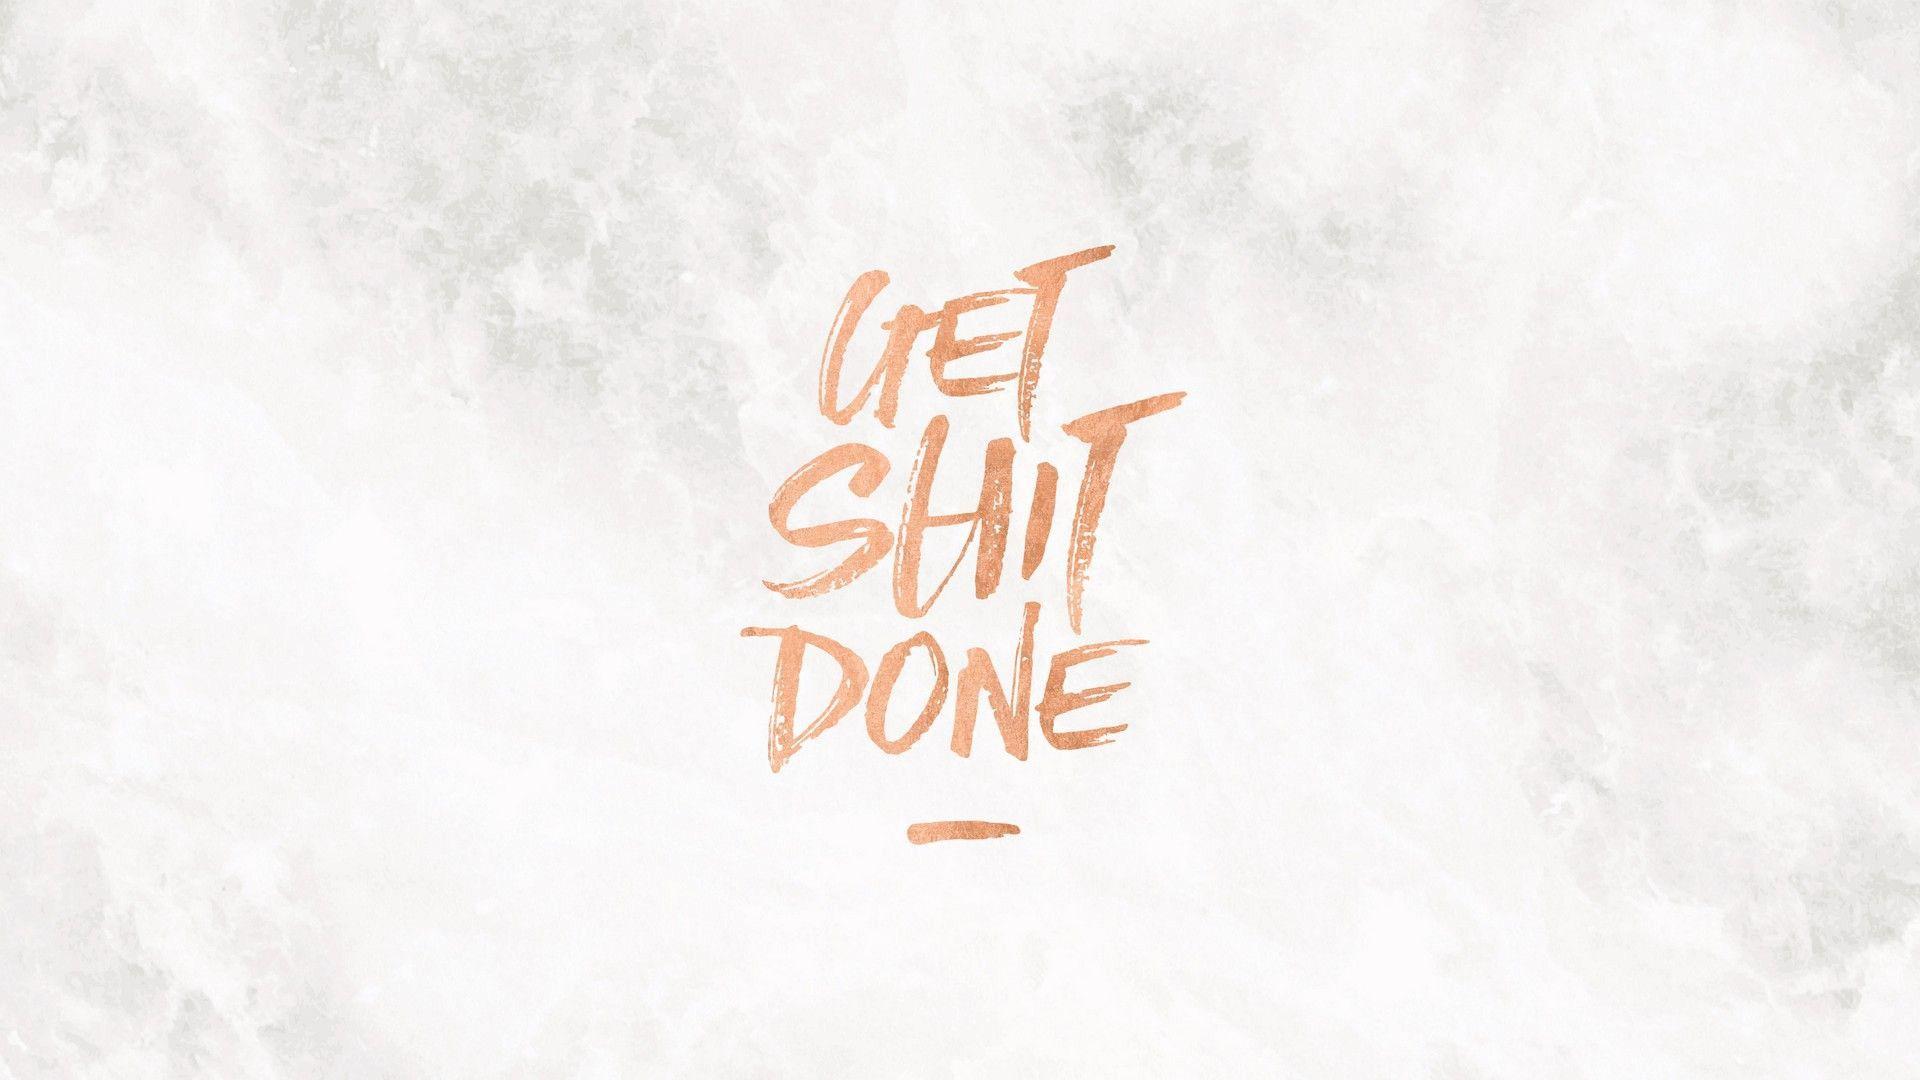 White Marble Desktop Wallpaper